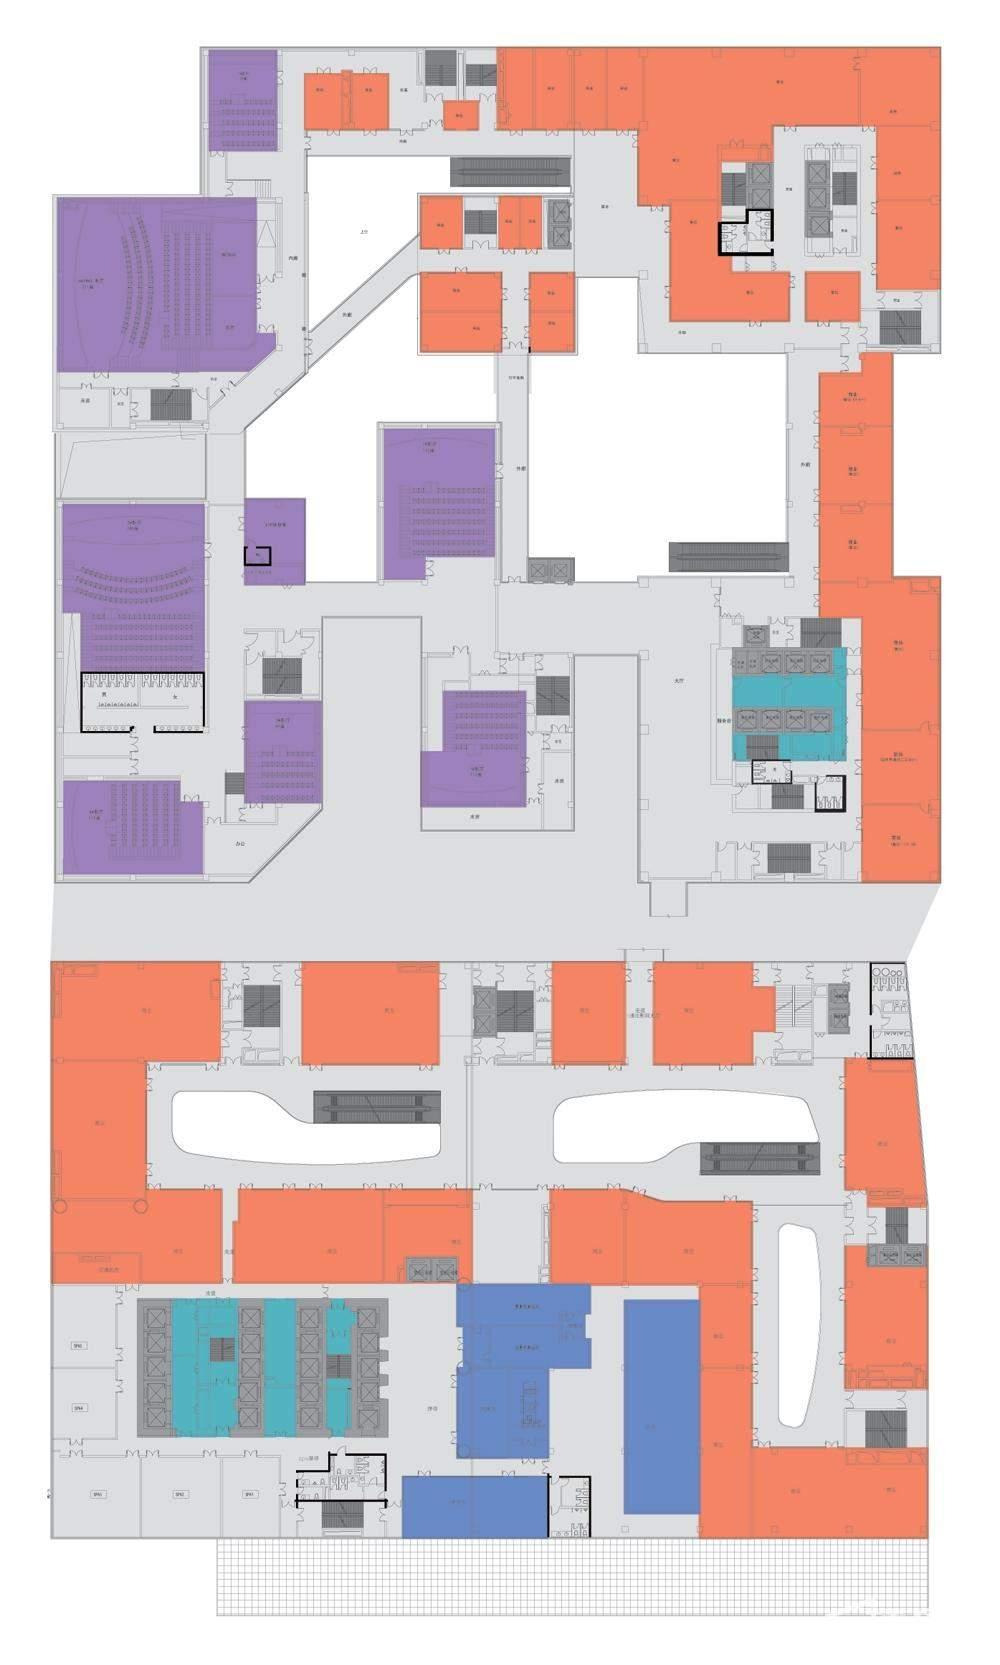 华创国际广场 商业四层平面图